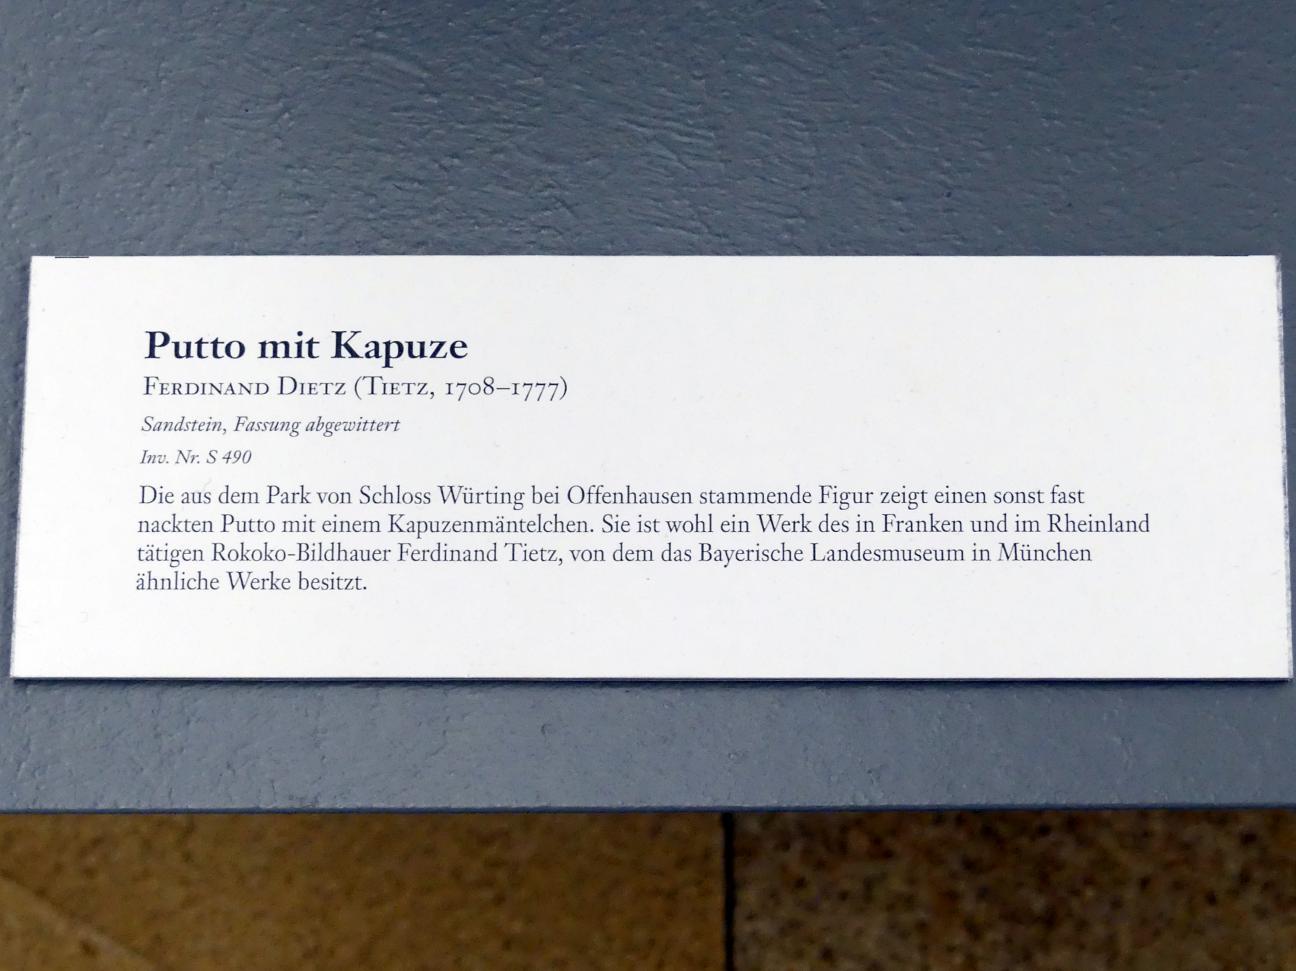 Ferdinand Tietz (Ferdinand Dietz): Putto mit Kapuze, Undatiert